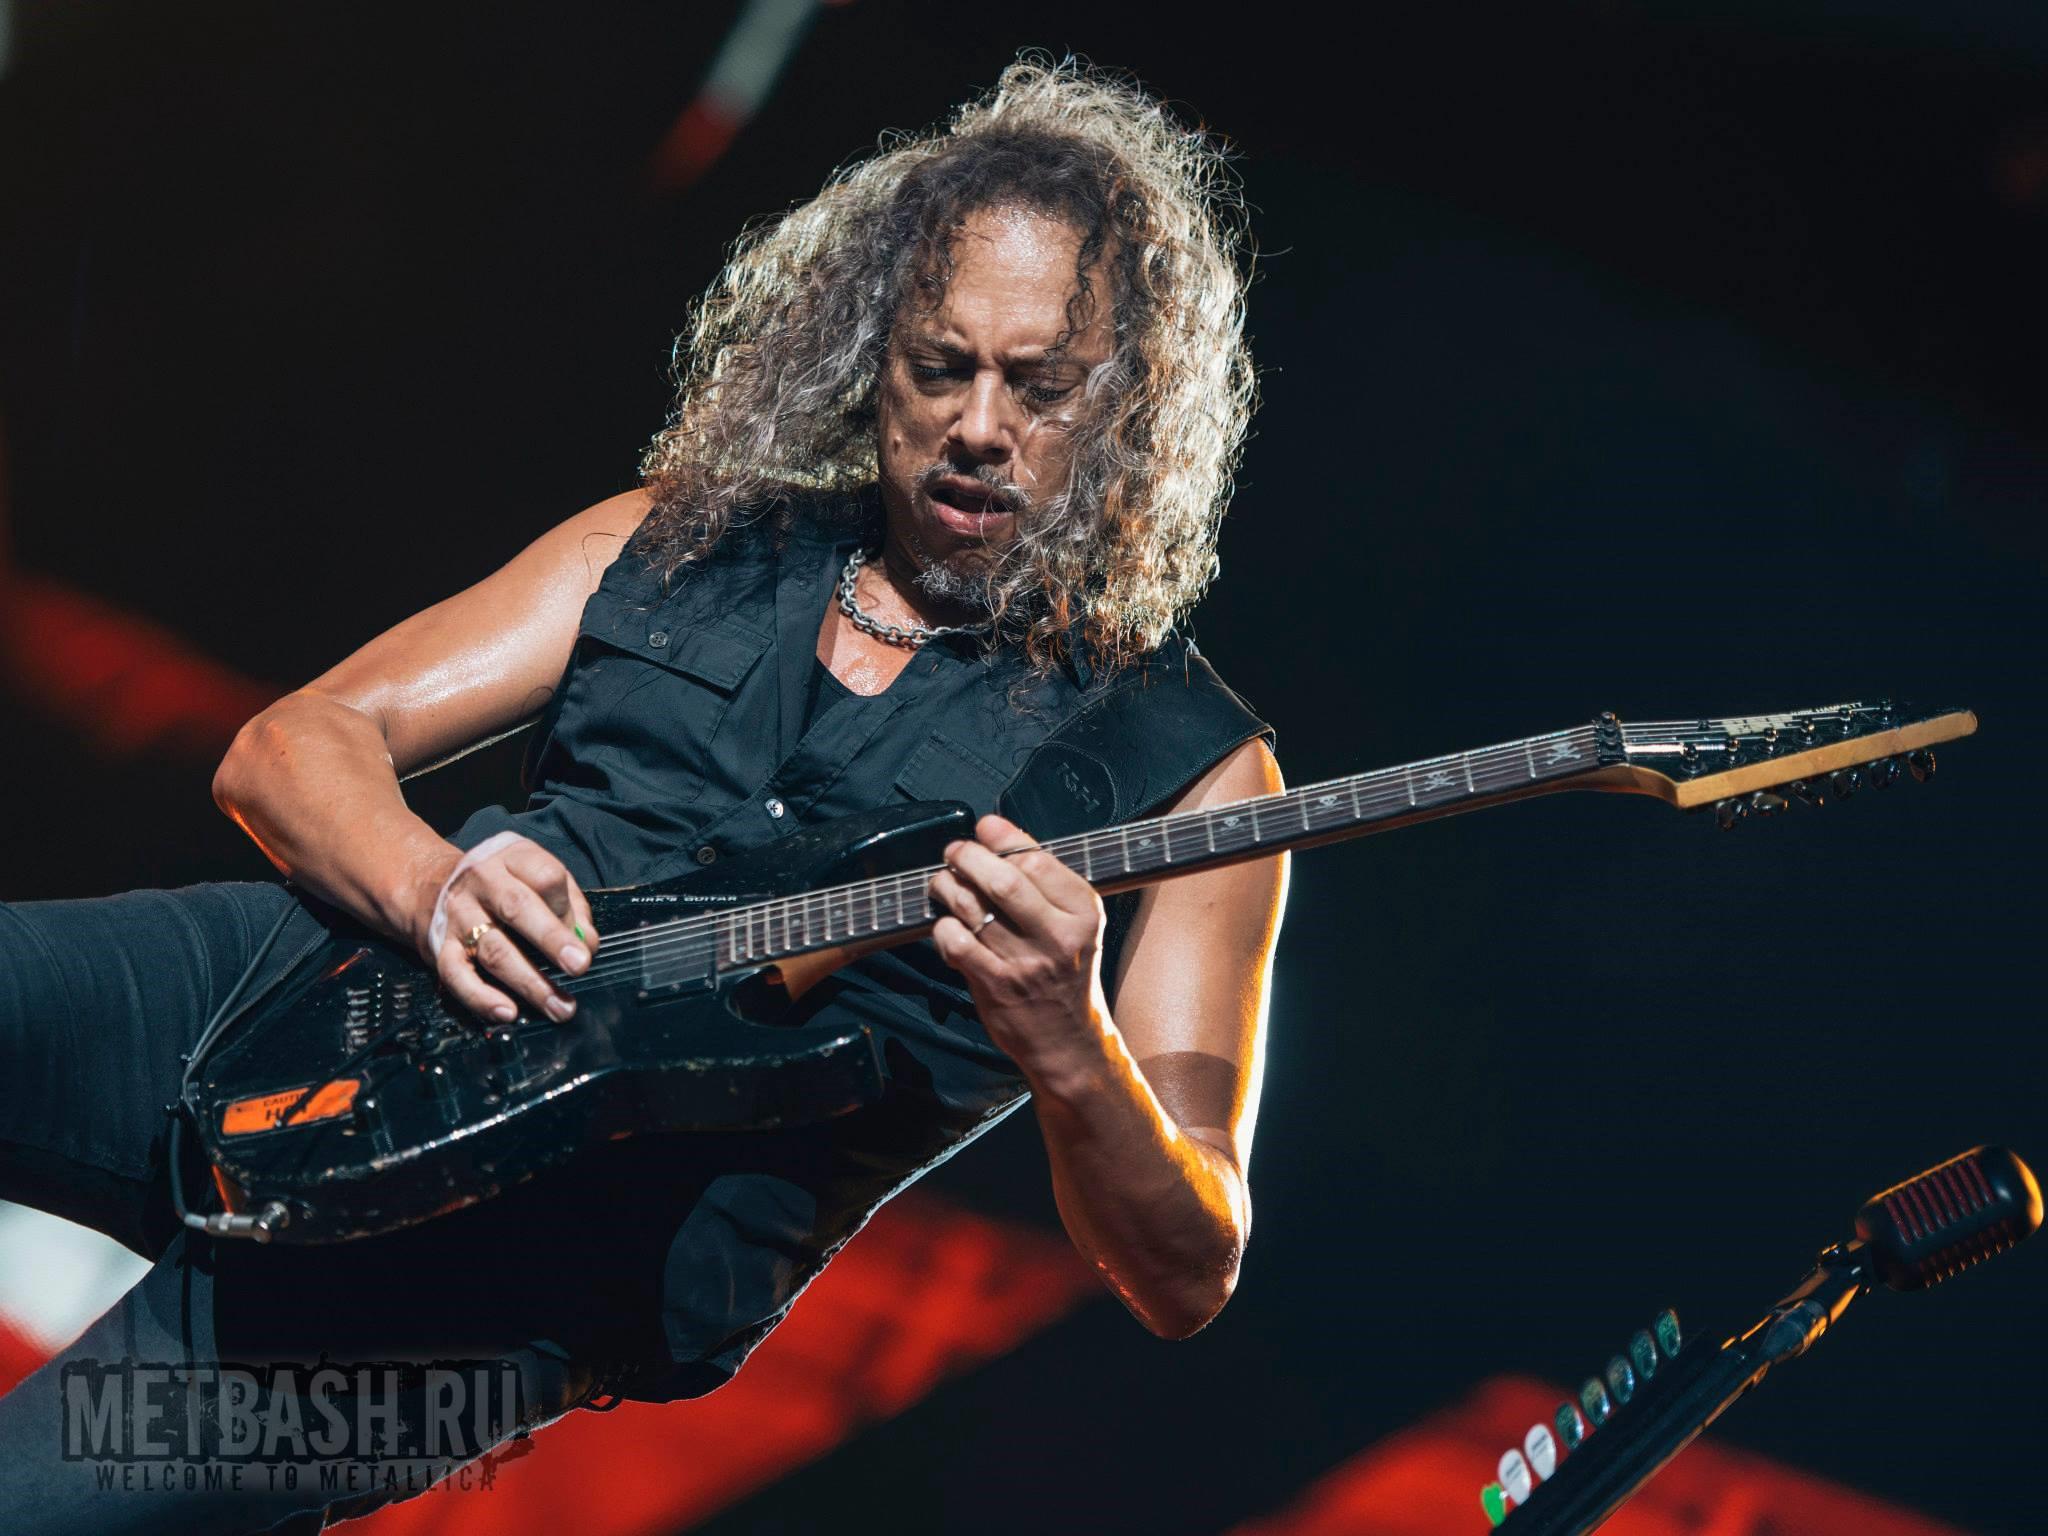 В апреле 2015 года Кирк Хэмметт, соло-гитарист группы Metallica, признался, что работа над новым аль